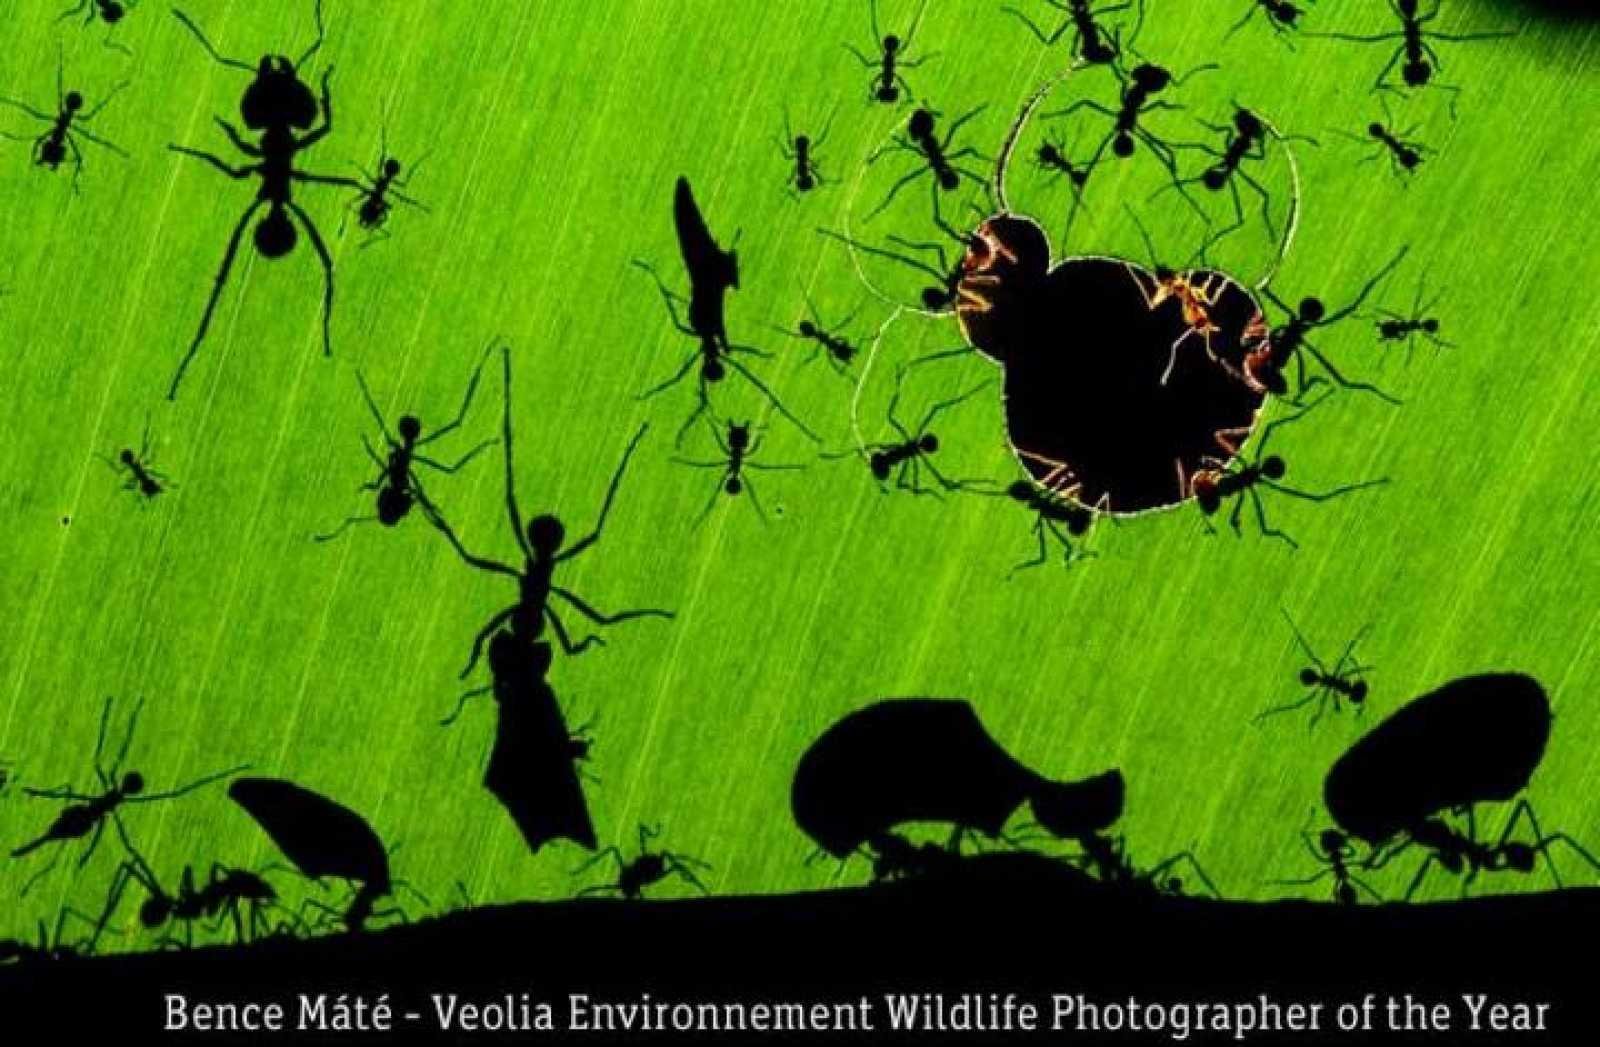 'Maravilla de hormigas', ganadora del Veolia Environnement Wildlife Photographer of the Year